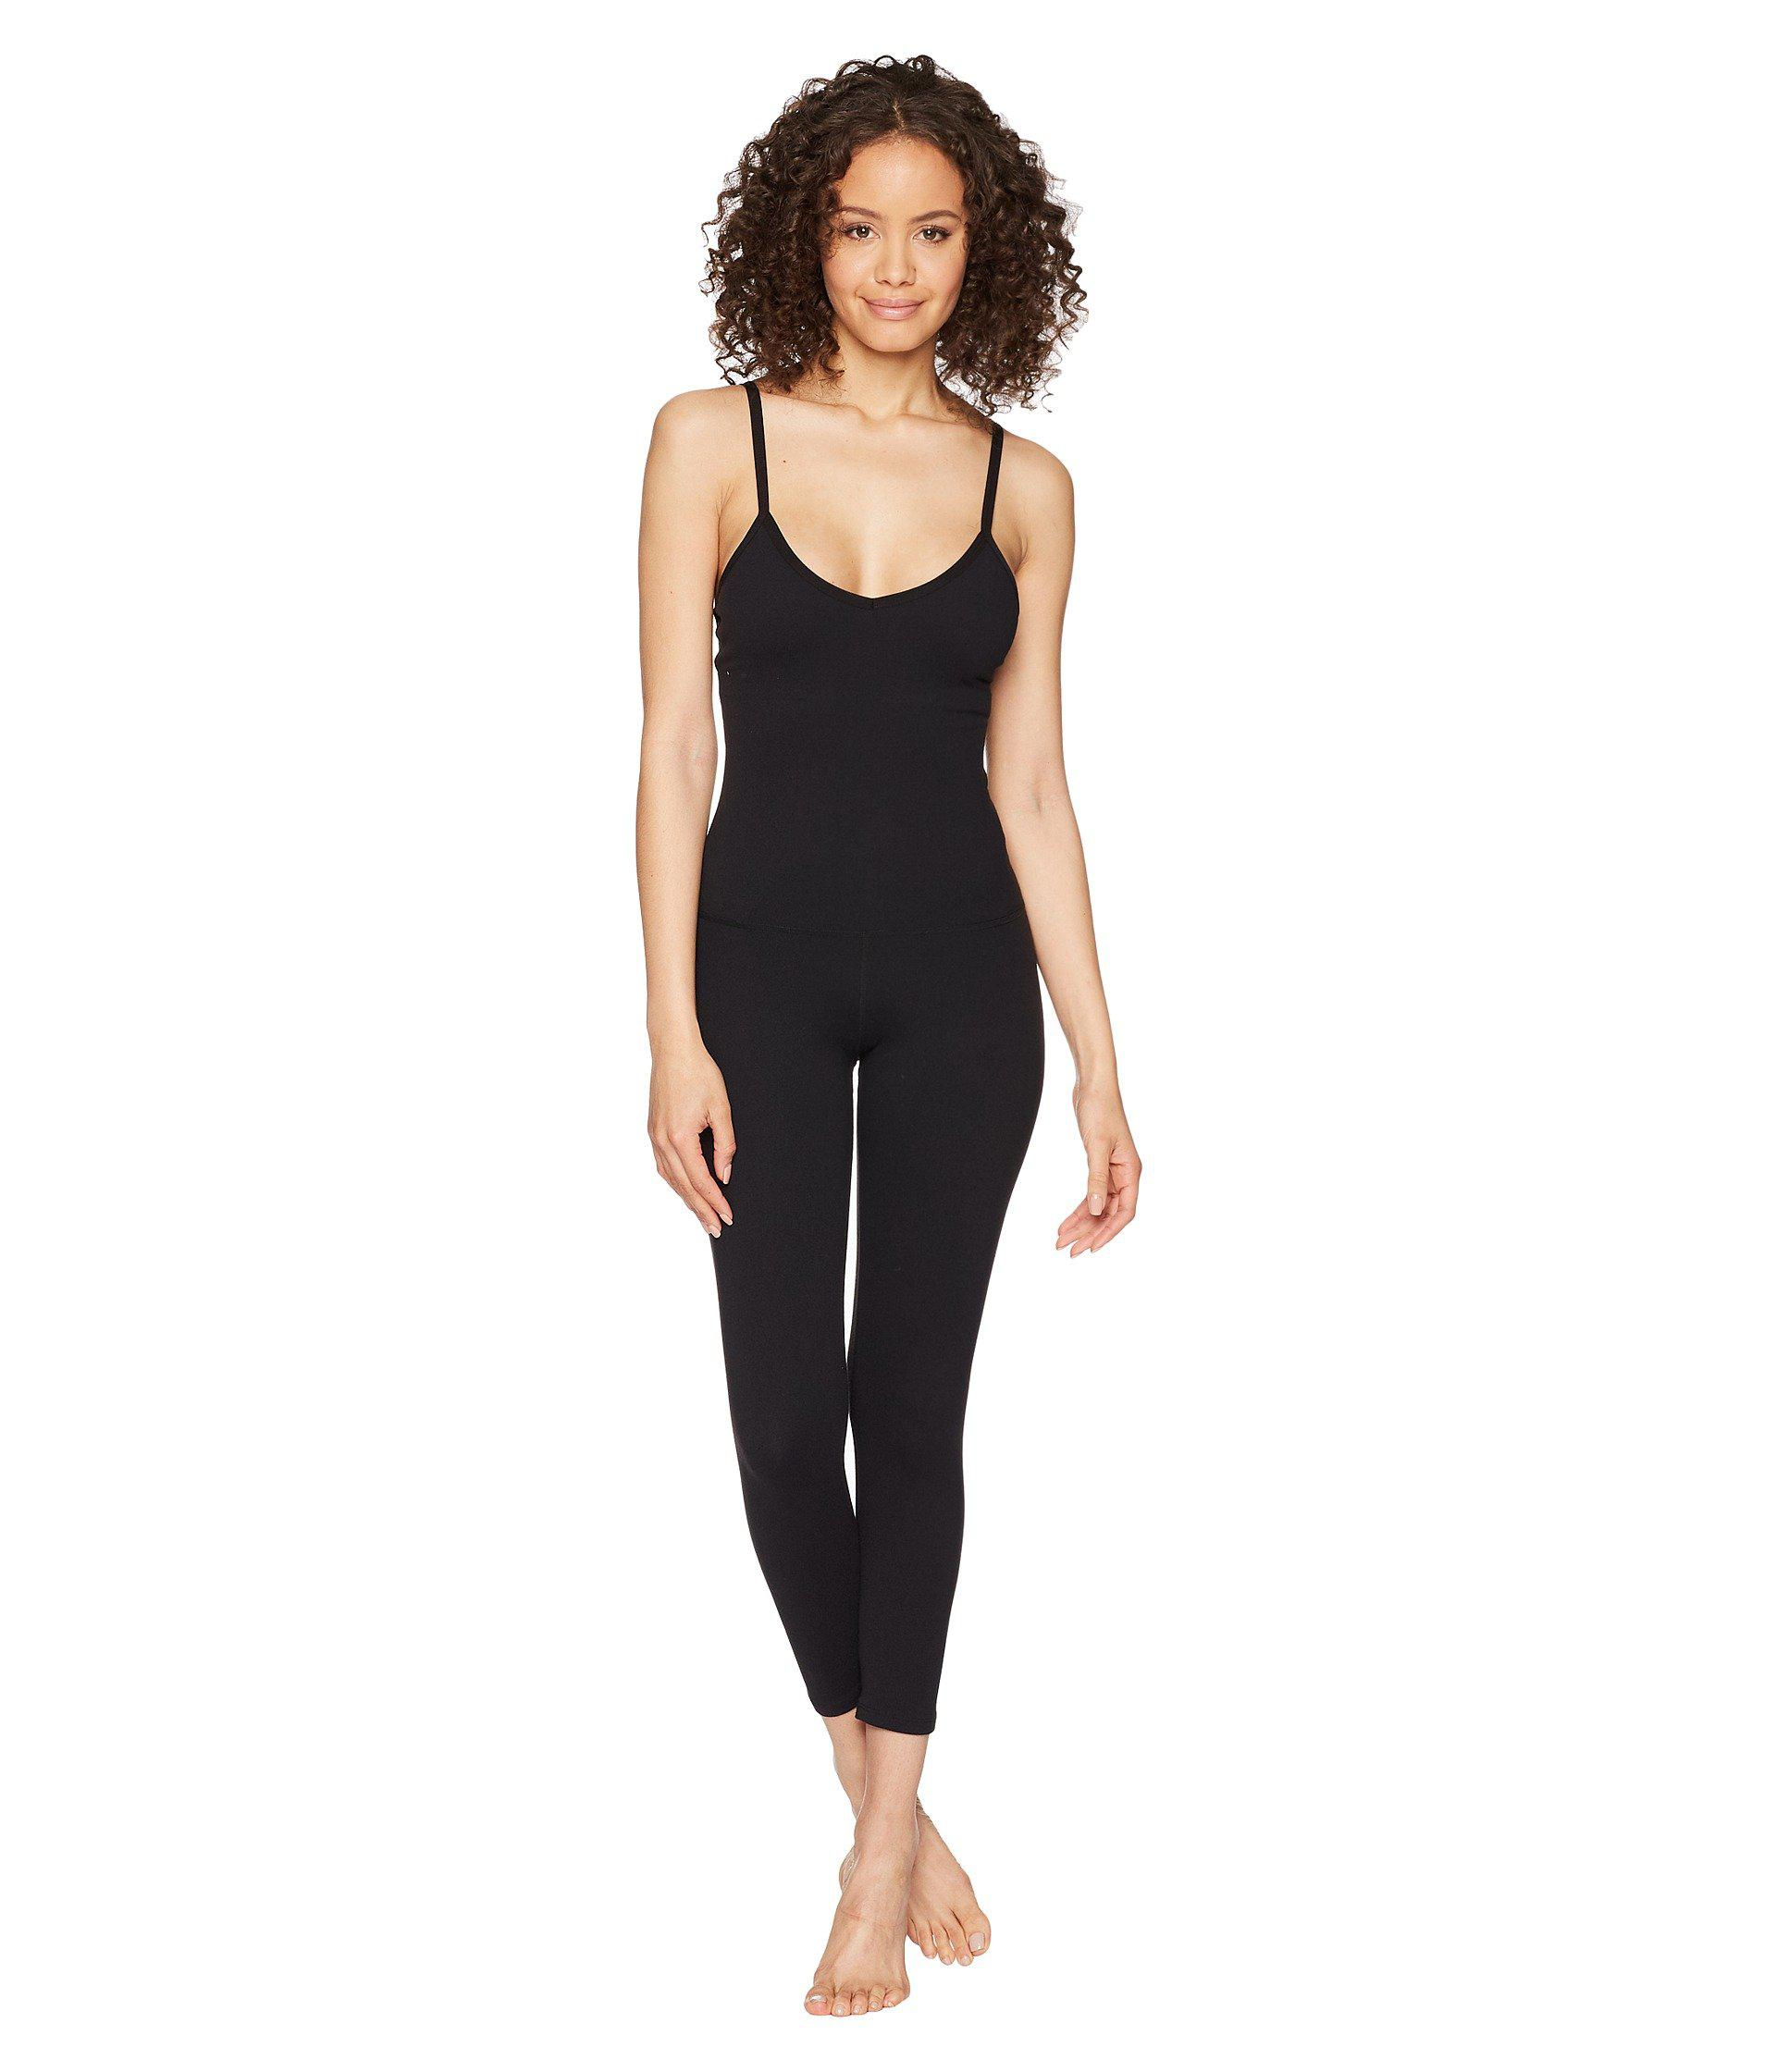 59c02a7c726 Lyst - Beyond Yoga Levels Bodysuit (jet Black) Women s Jumpsuit ...